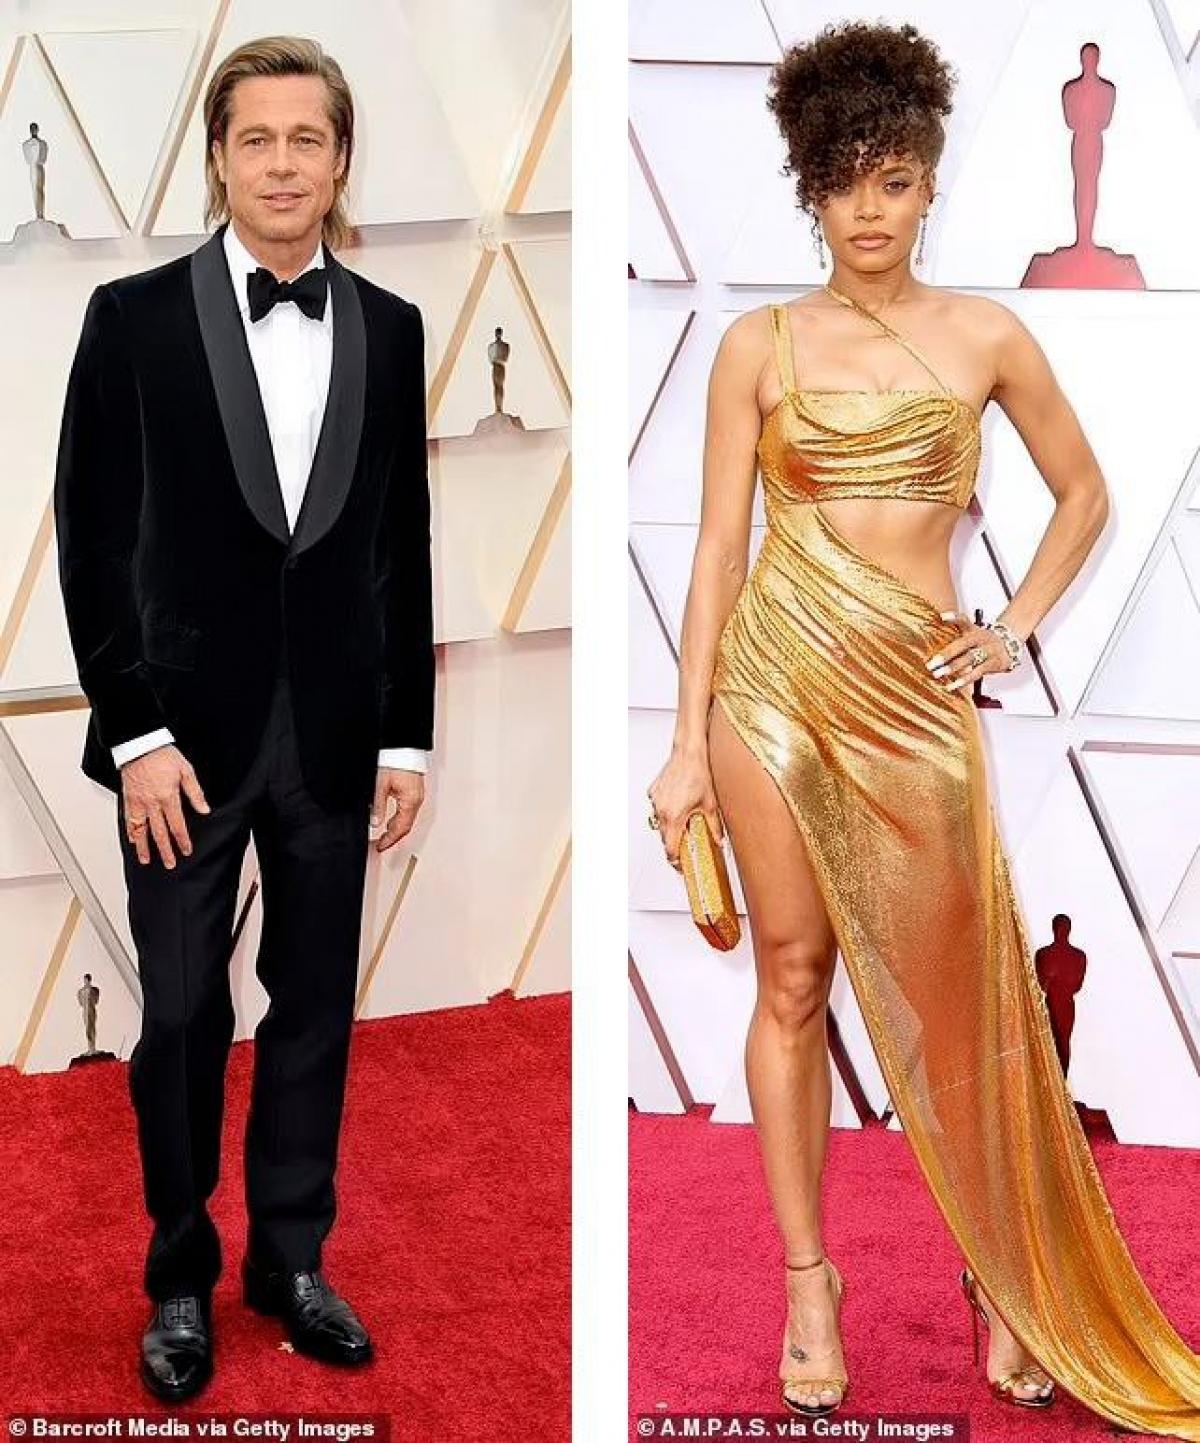 """Tờ The Mirrortiết lộ, nam tài tử Brad Pitt (58 tuổi) đã bị phát hiện """"tán tỉnh ở hậu trường"""" với nữ ca sĩ Andra Day (37 tuổi) tại lễ trao giải Oscar lần thứ 58 hồi tháng 4."""